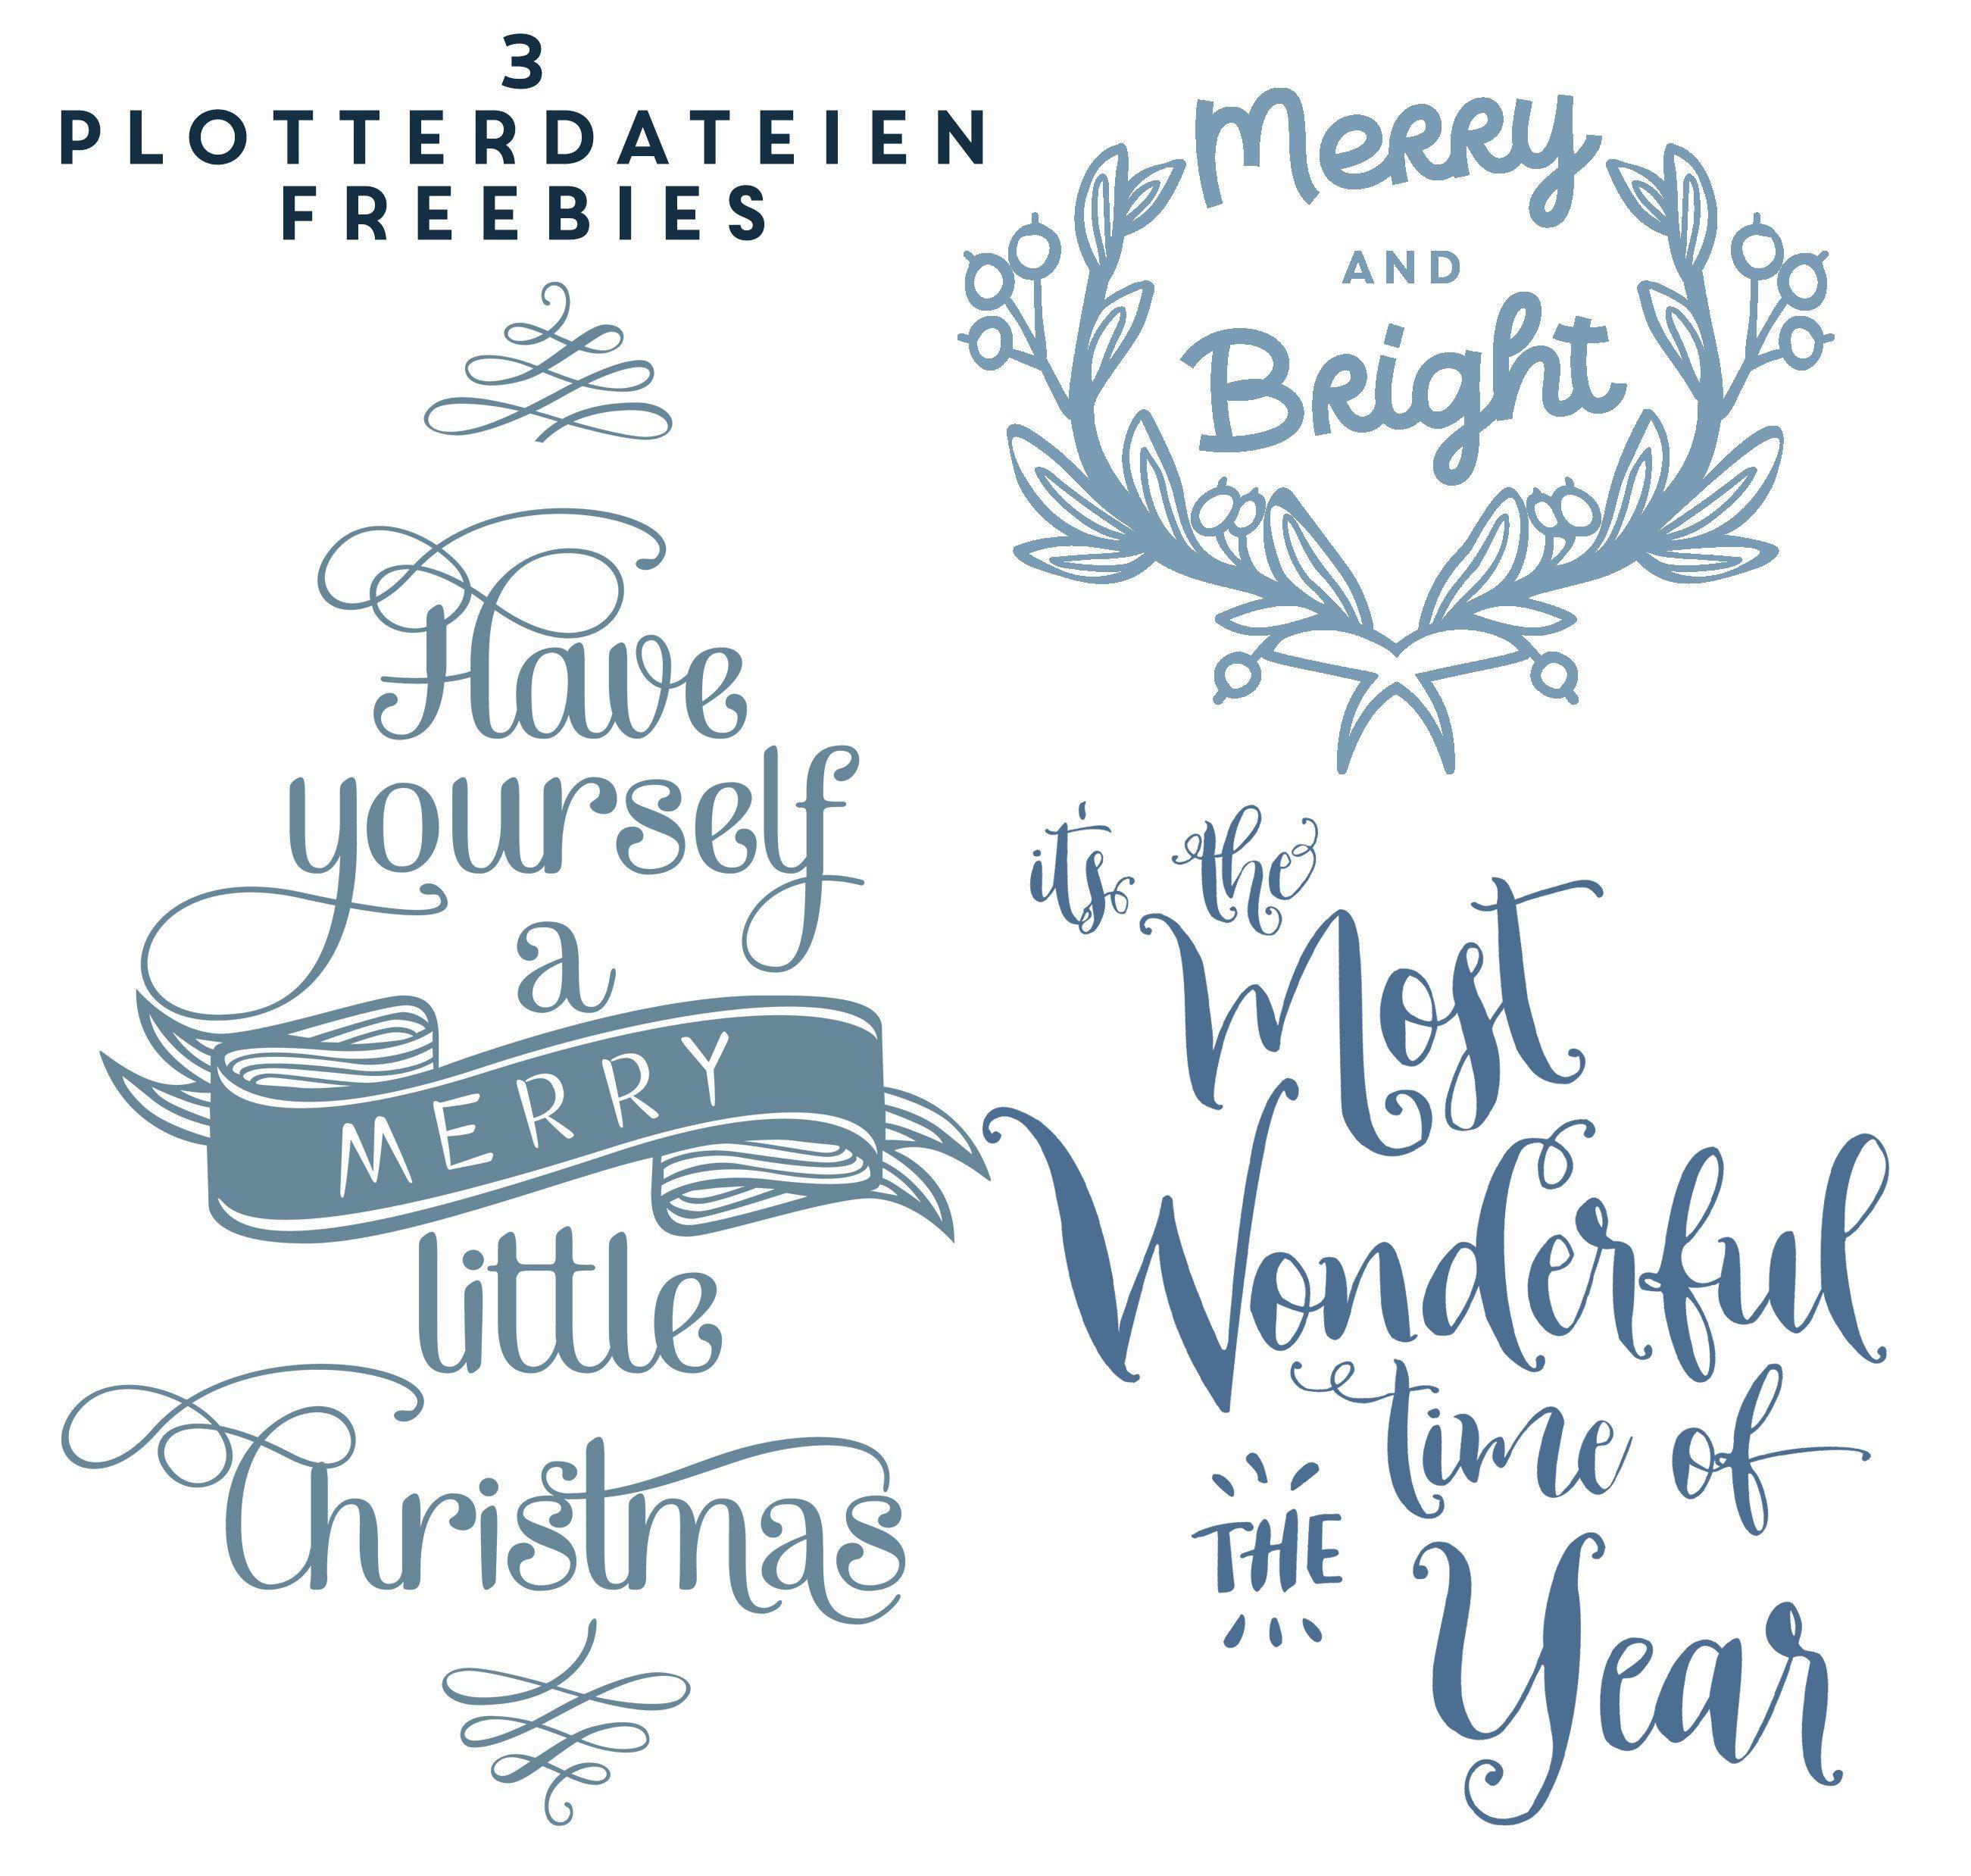 3 Weihnachtliche Plotterdateien Happy Serendipity Plotterdatei Silhouette Cameo Freebies Plotterdateien Free